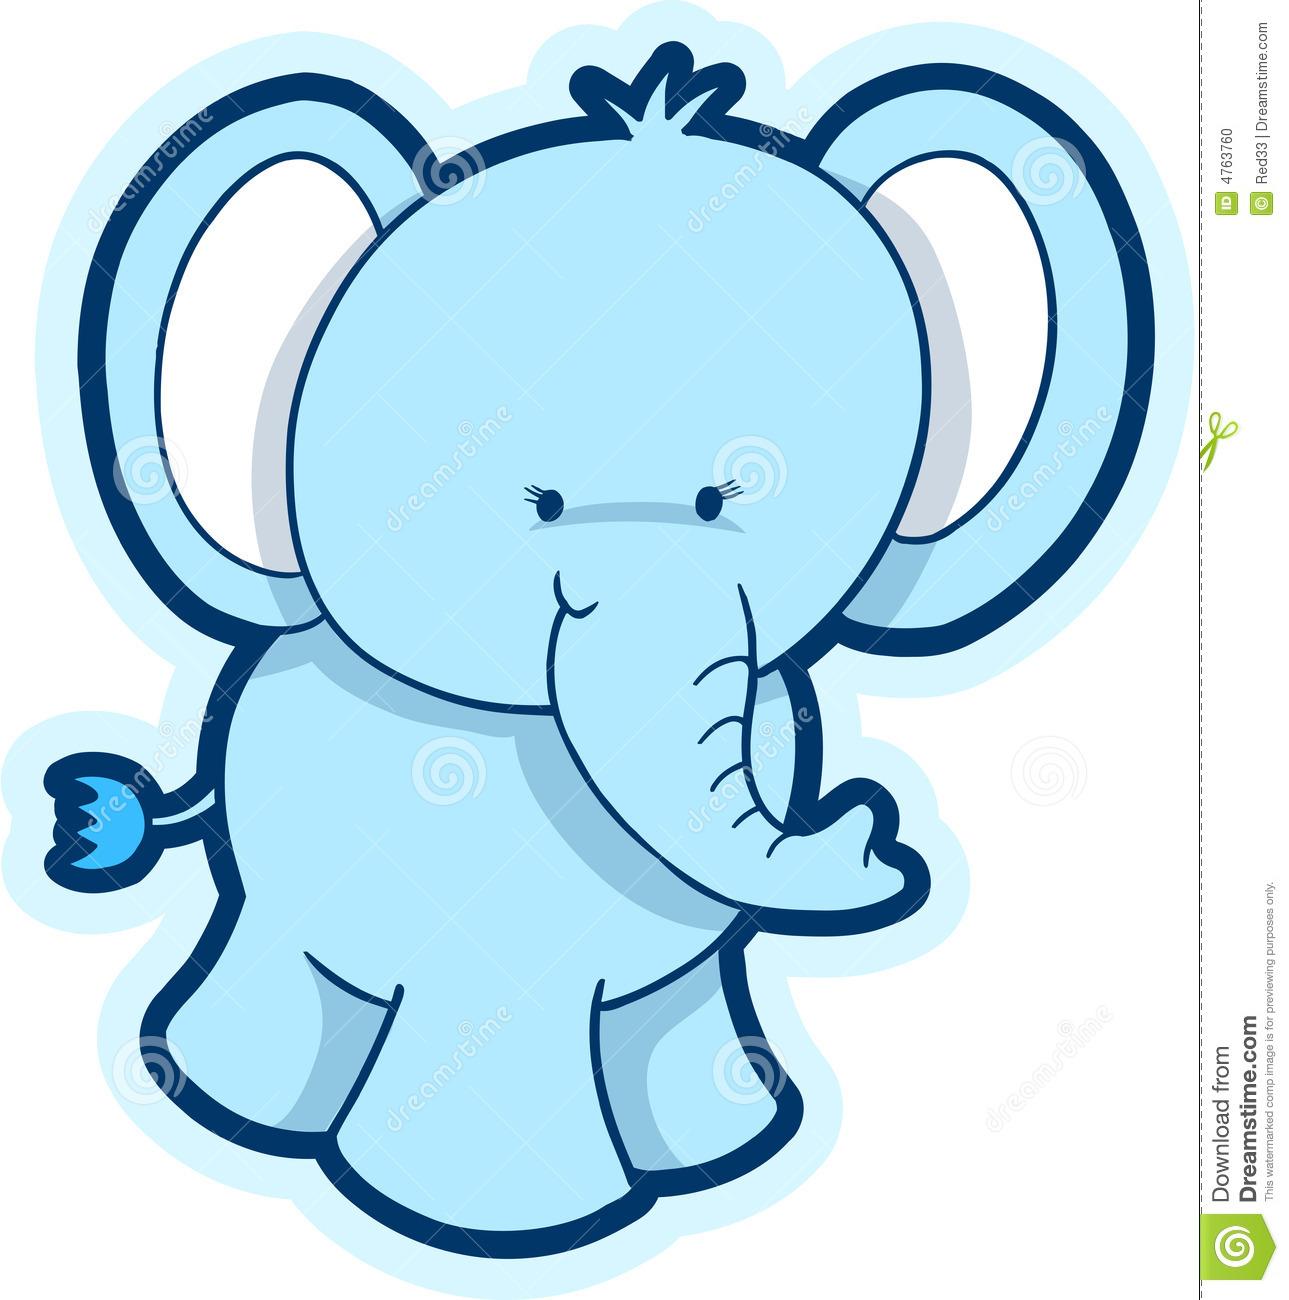 Cute elephant clipart hvgj prm9ss clipart kid - Fotos de elefantes bebes ...